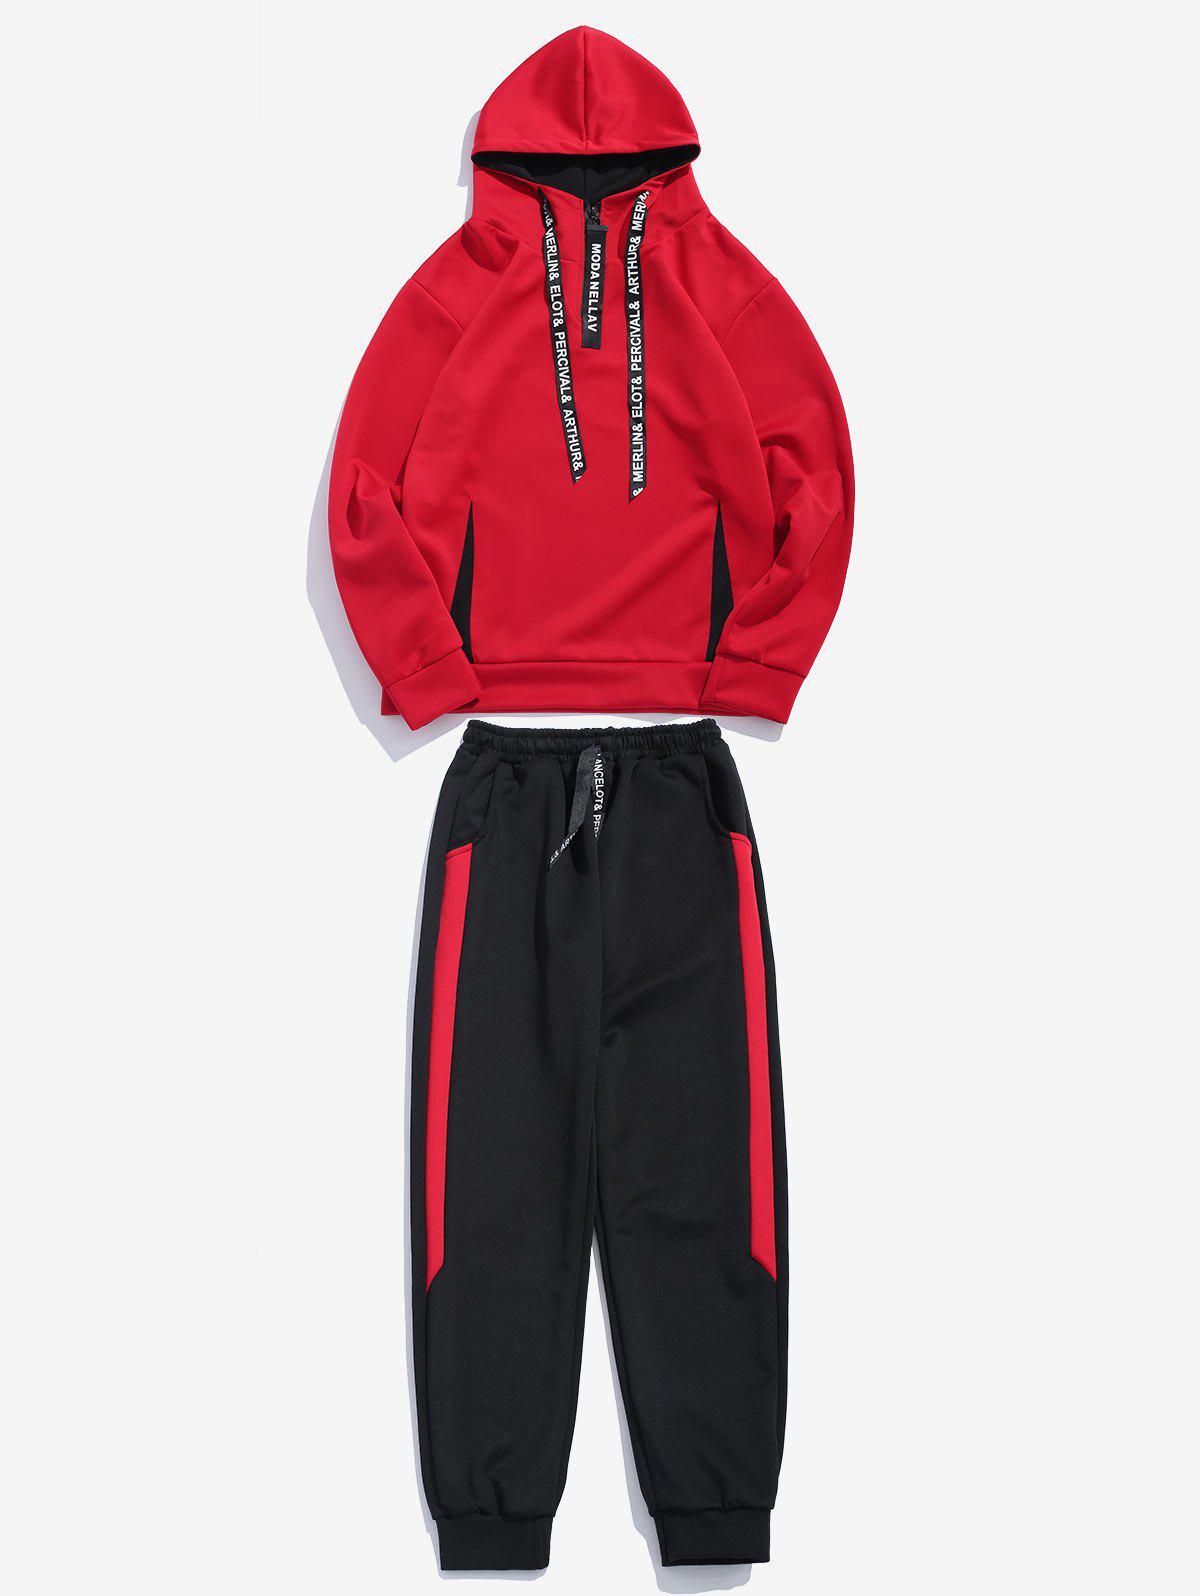 Contrast Hoodie Sweatpants Suit, Red